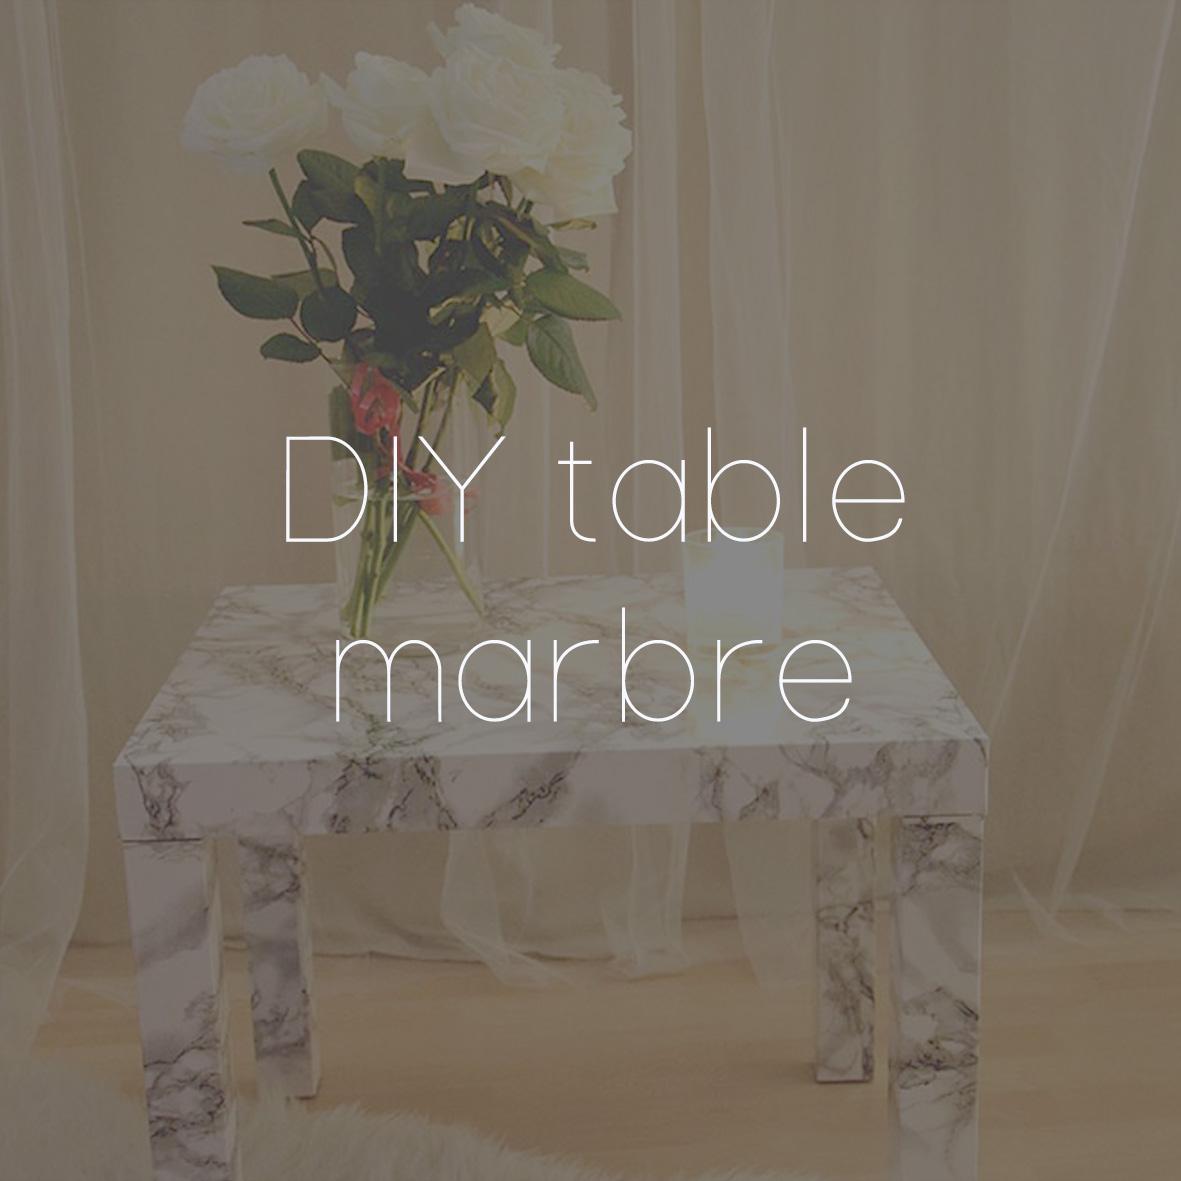 17 DIY TABLE MARBRE